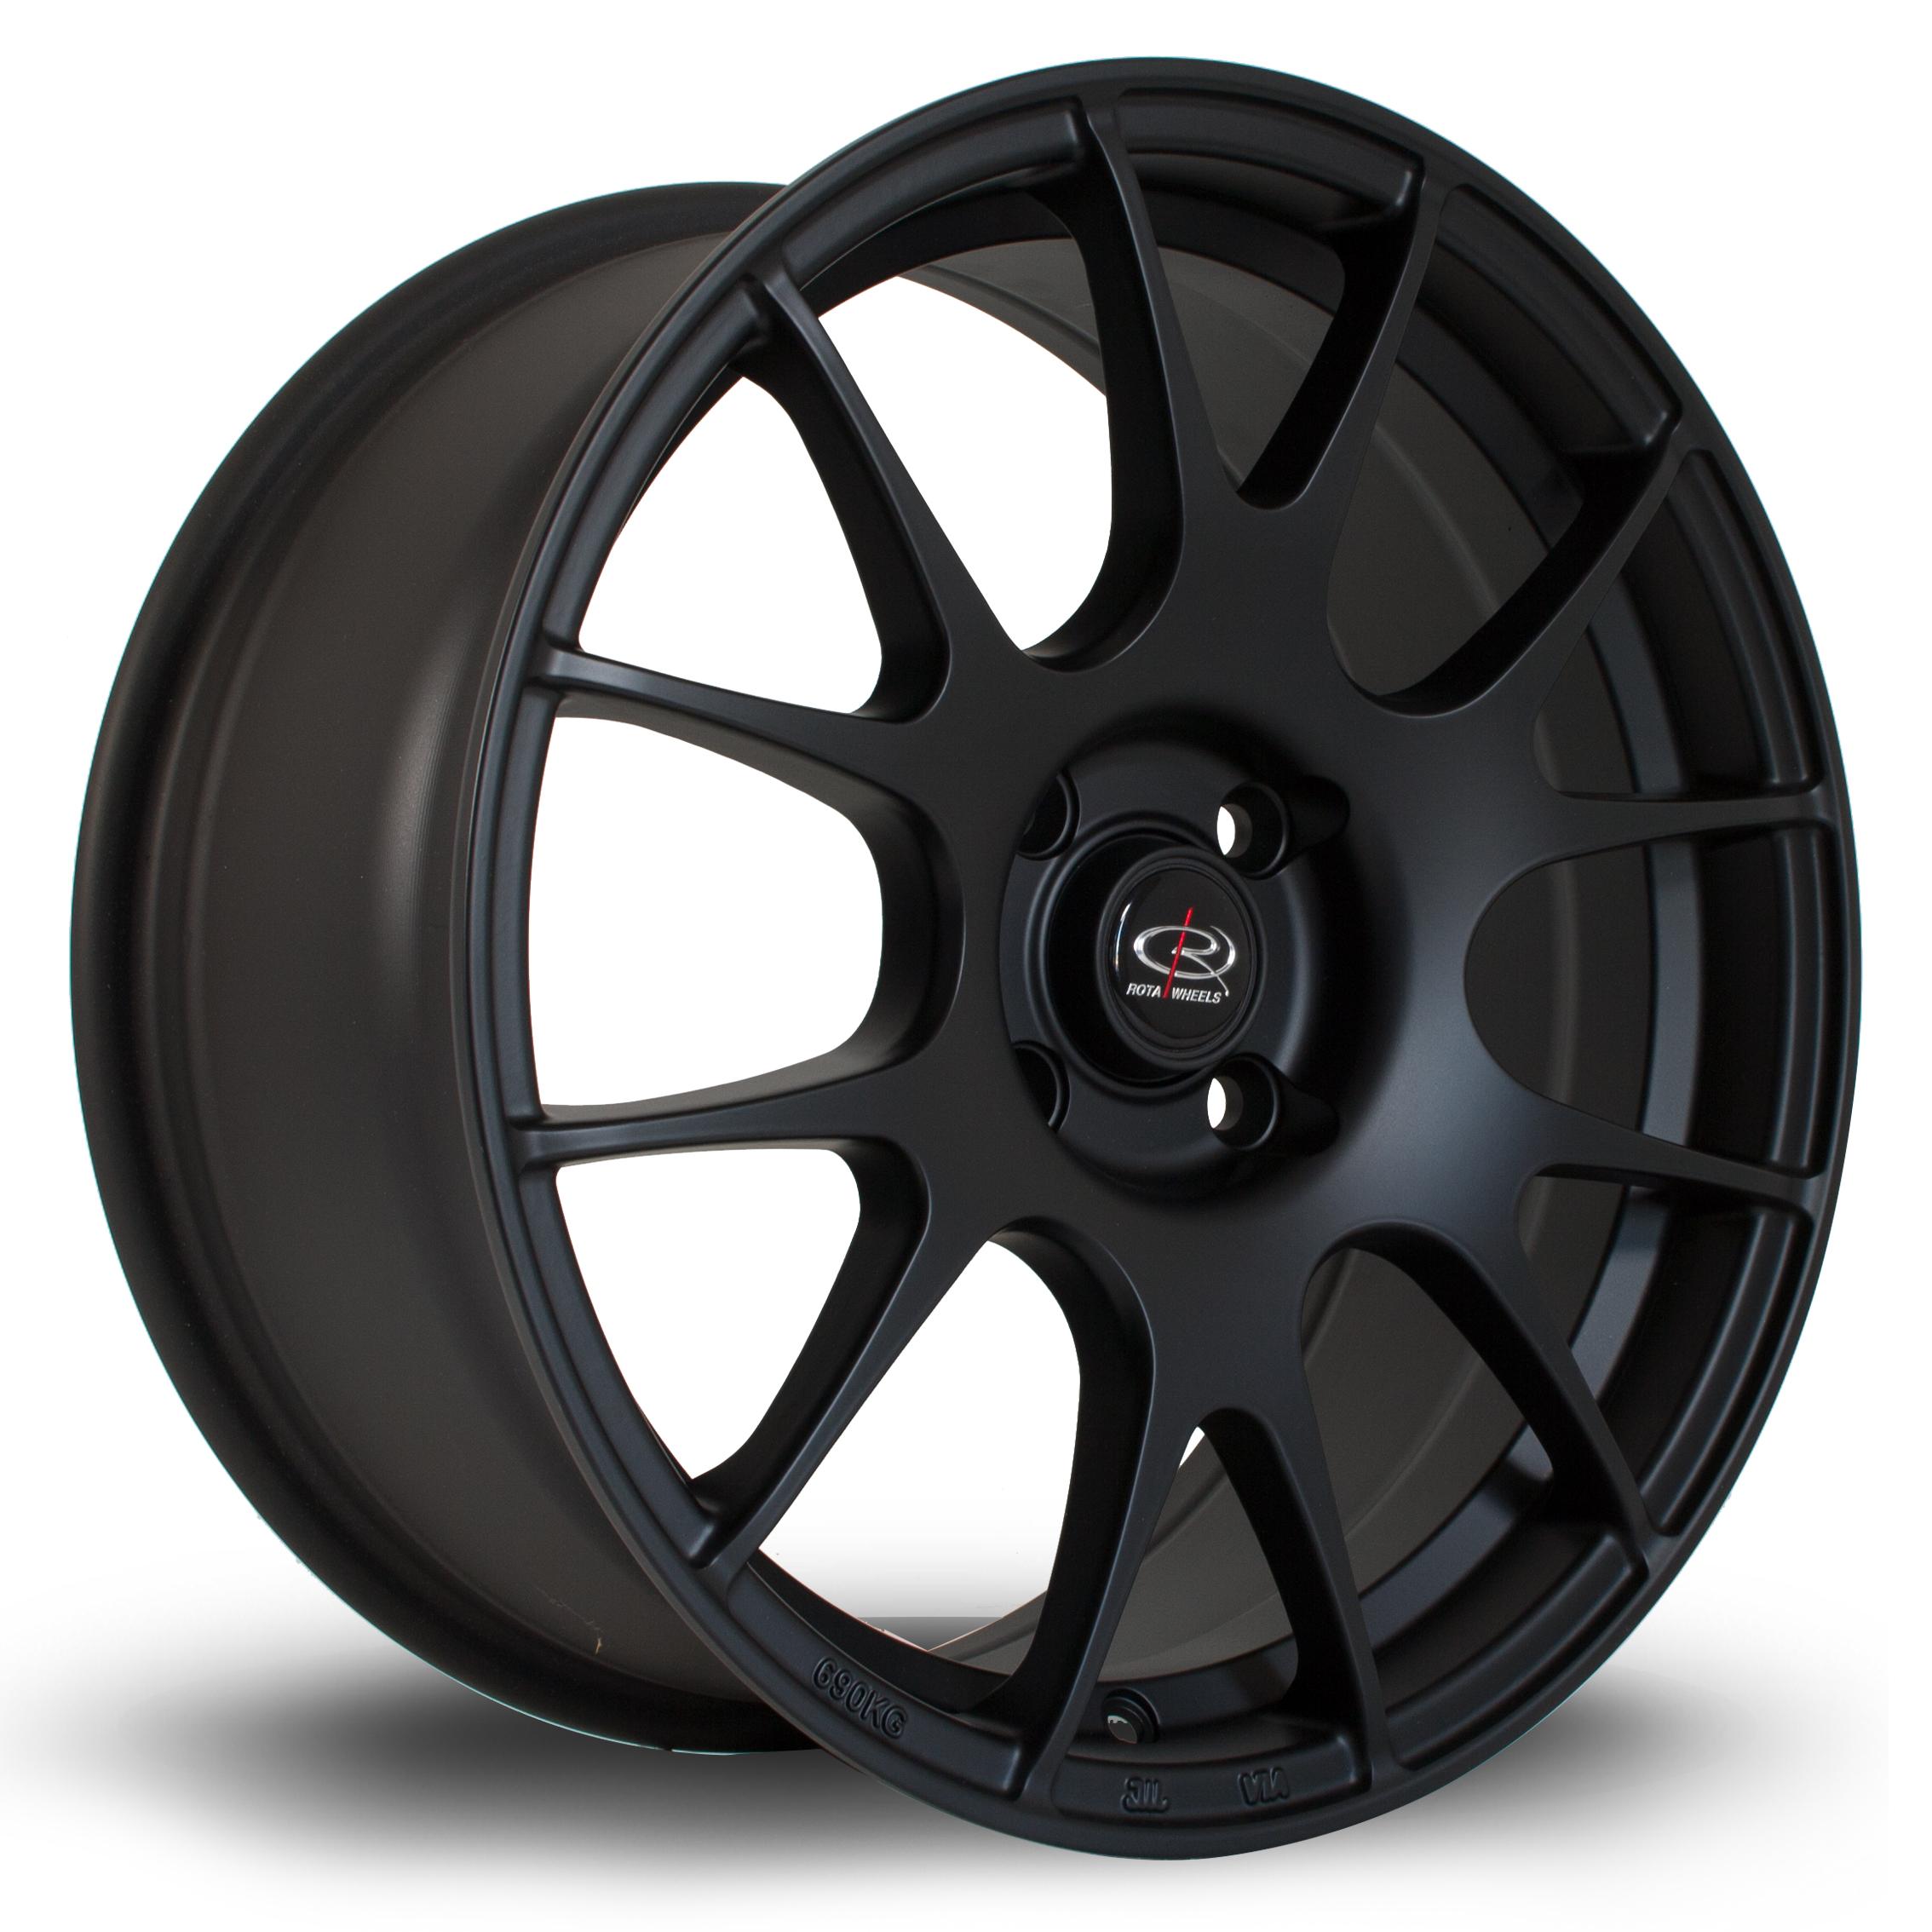 Rota Blitz wheels